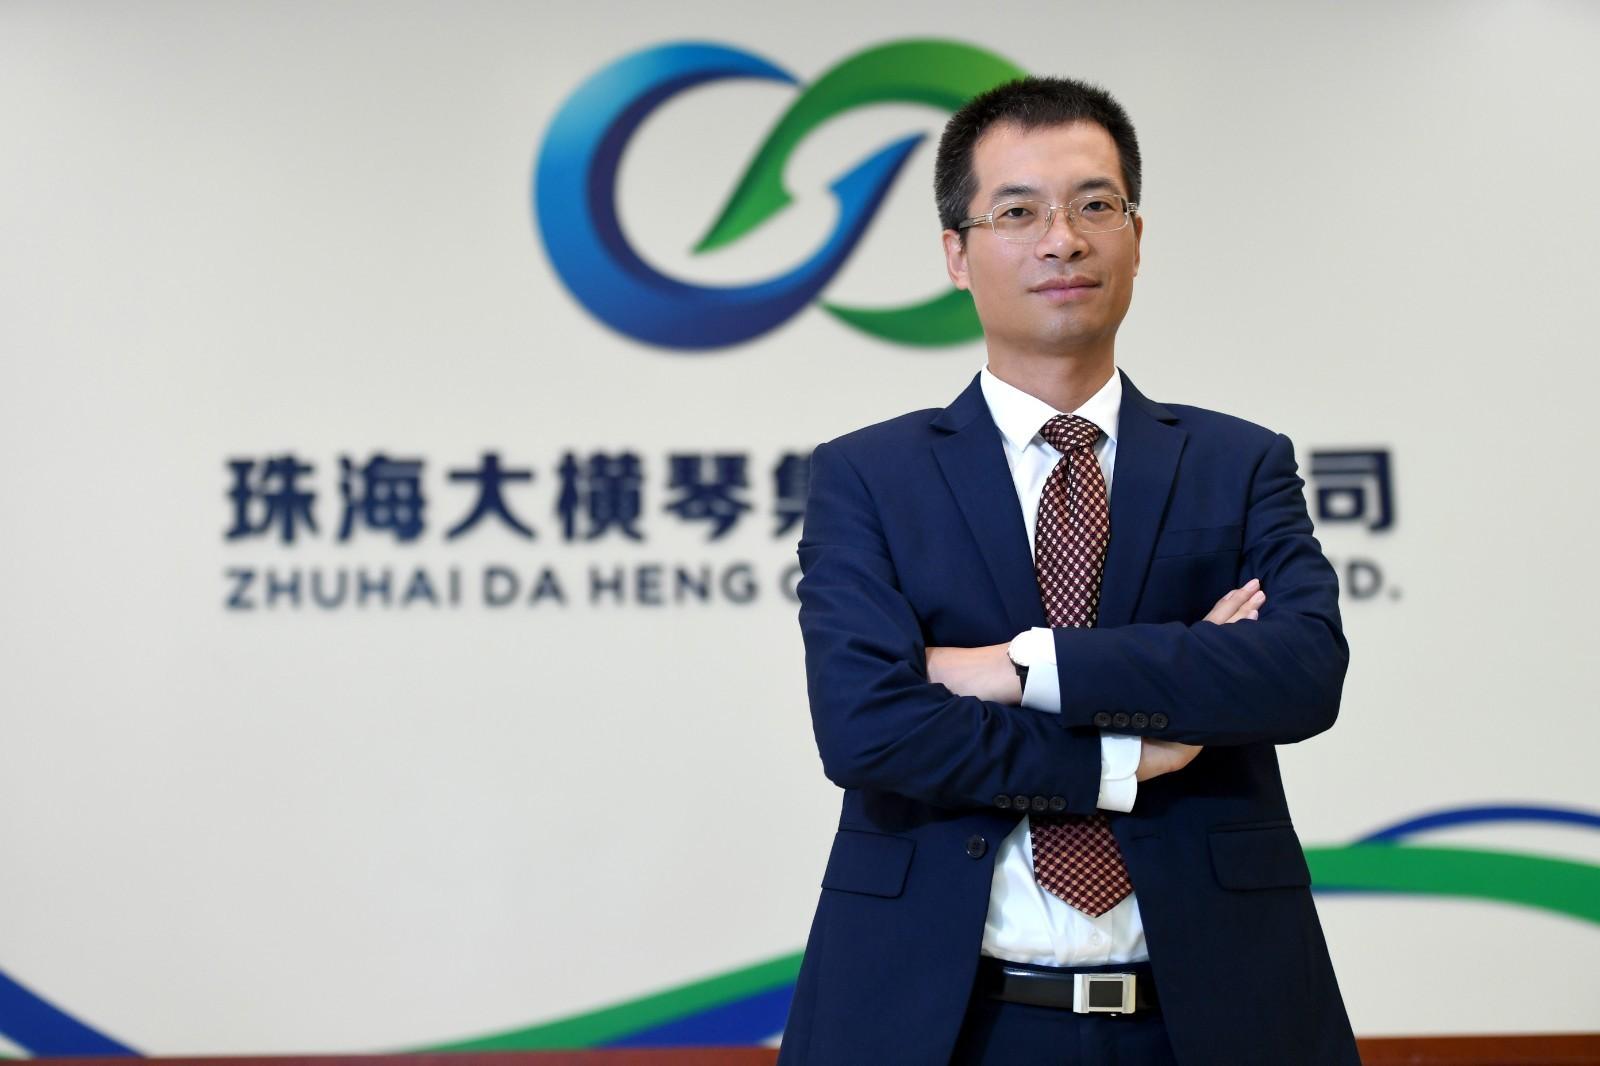 珠海大横琴投资有限公司副总经理祝杰专访:以体育演绎大湾区的精彩故事